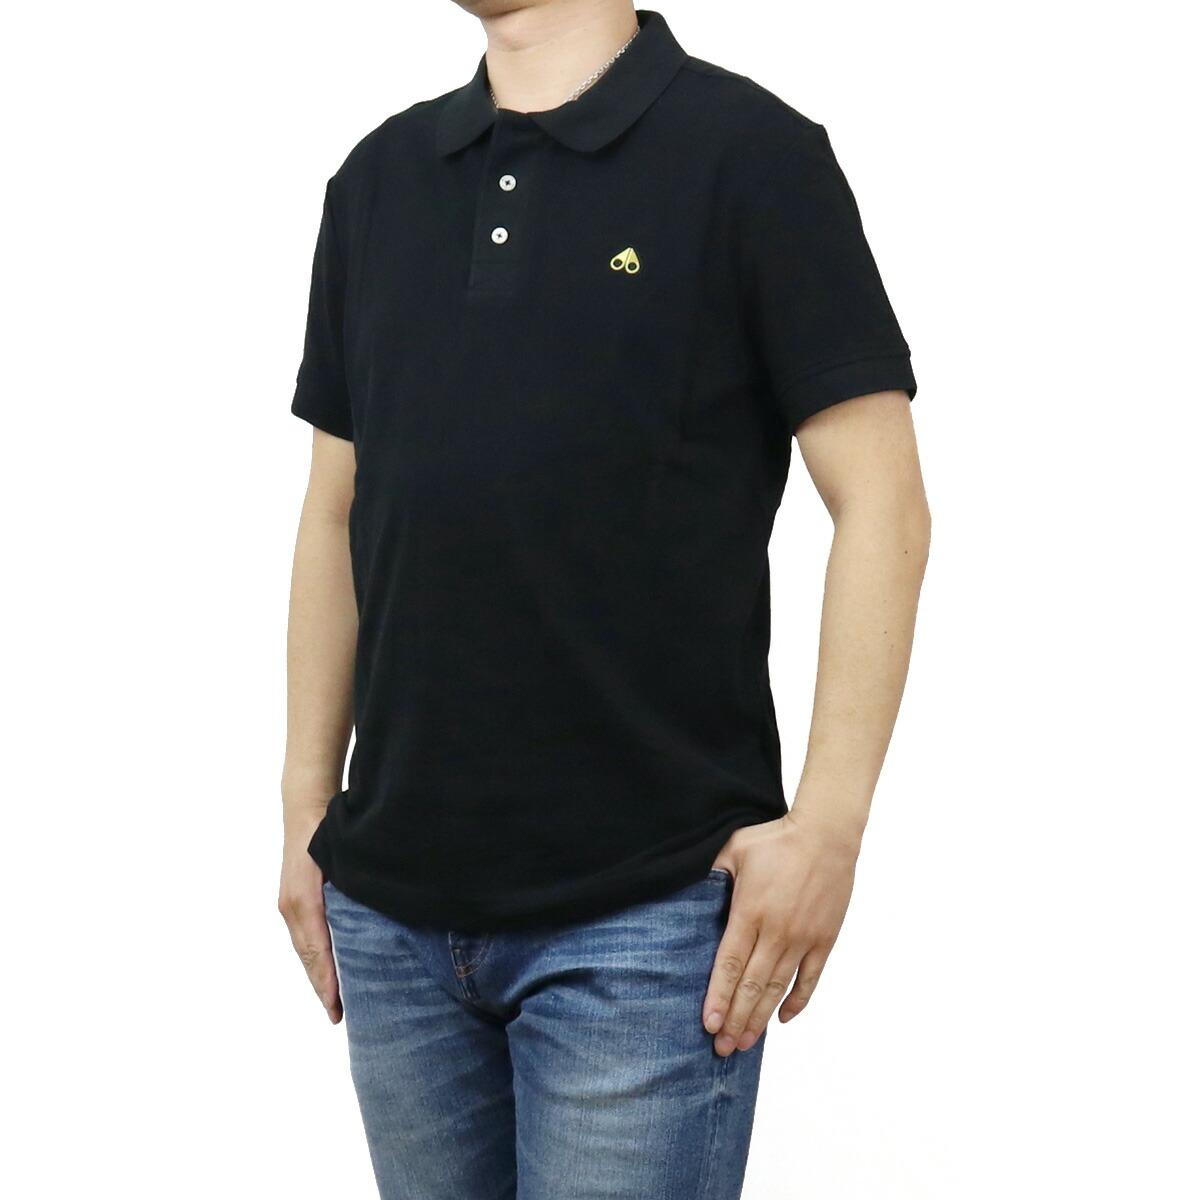 ムースナックルズ MOOSE KNUCKLES メンズ-ポロシャツ M10MT712G 292 ブラック bos-21 apparel-01 polo-01 メンズ